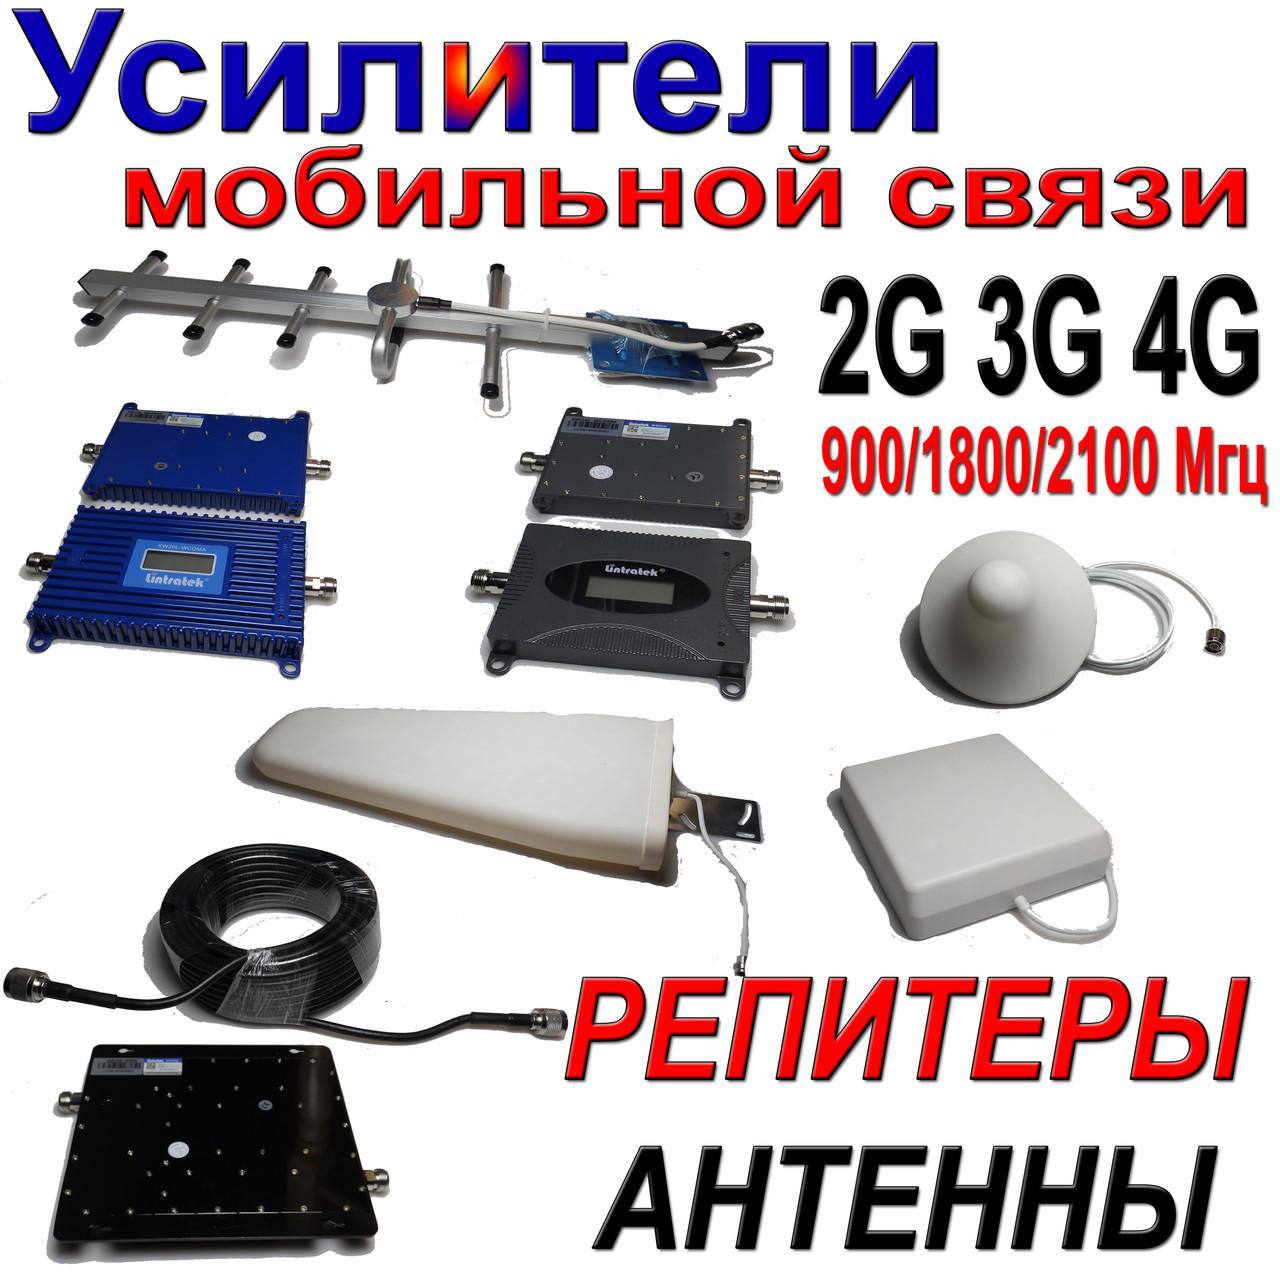 Гарантия 12 мес. Усилитель репитер мобильной связи GSM 900 полный комплект + Подарок + Скидка